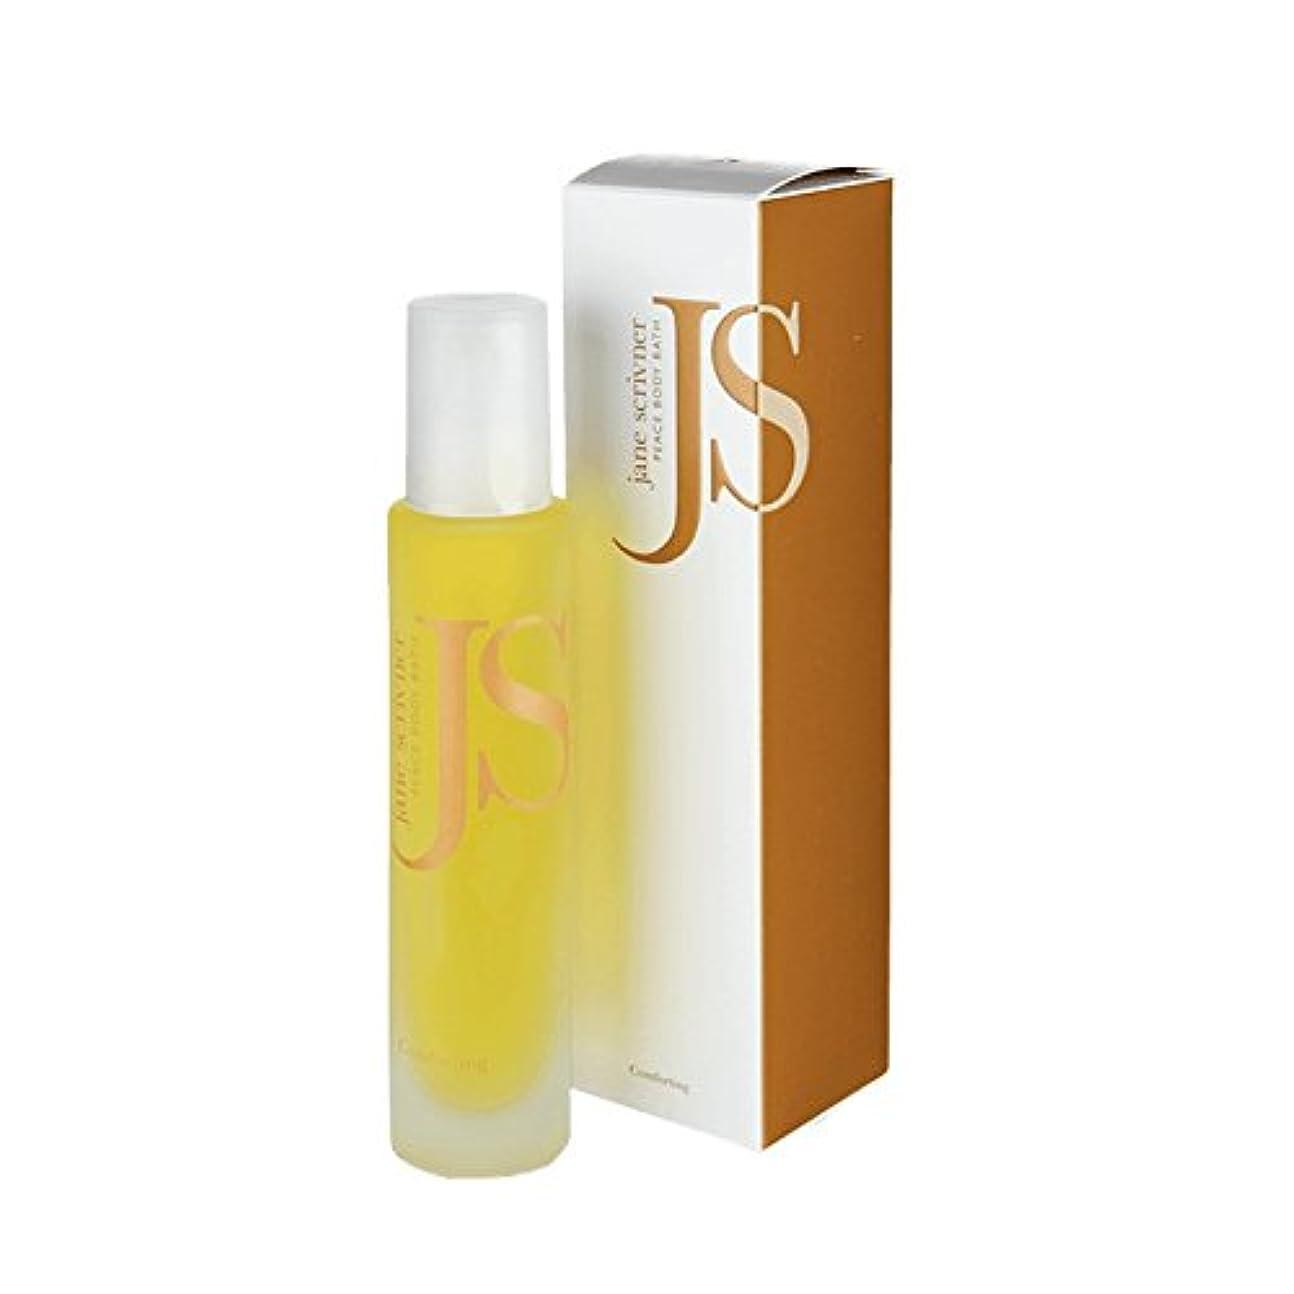 コーナードリンクストライクJane Scrivner Body Bath Oil Peace 100ml (Pack of 6) - ジェーンScrivnerボディバスオイル平和100ミリリットル (x6) [並行輸入品]